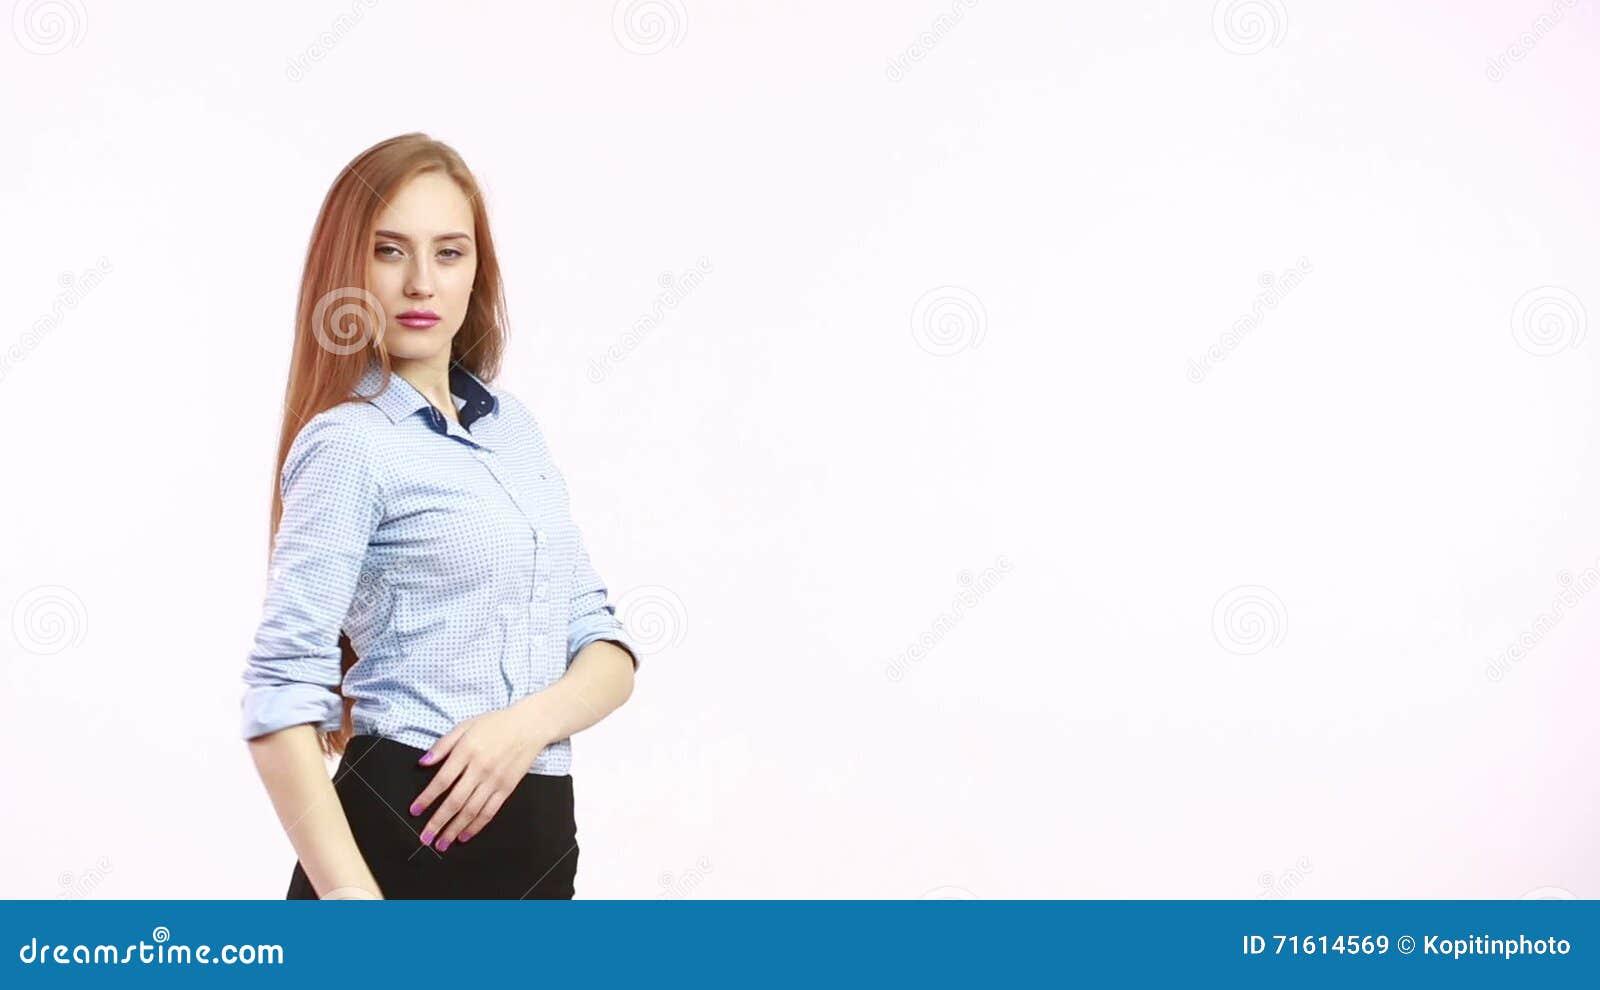 Körpersprache Reize Anziehung